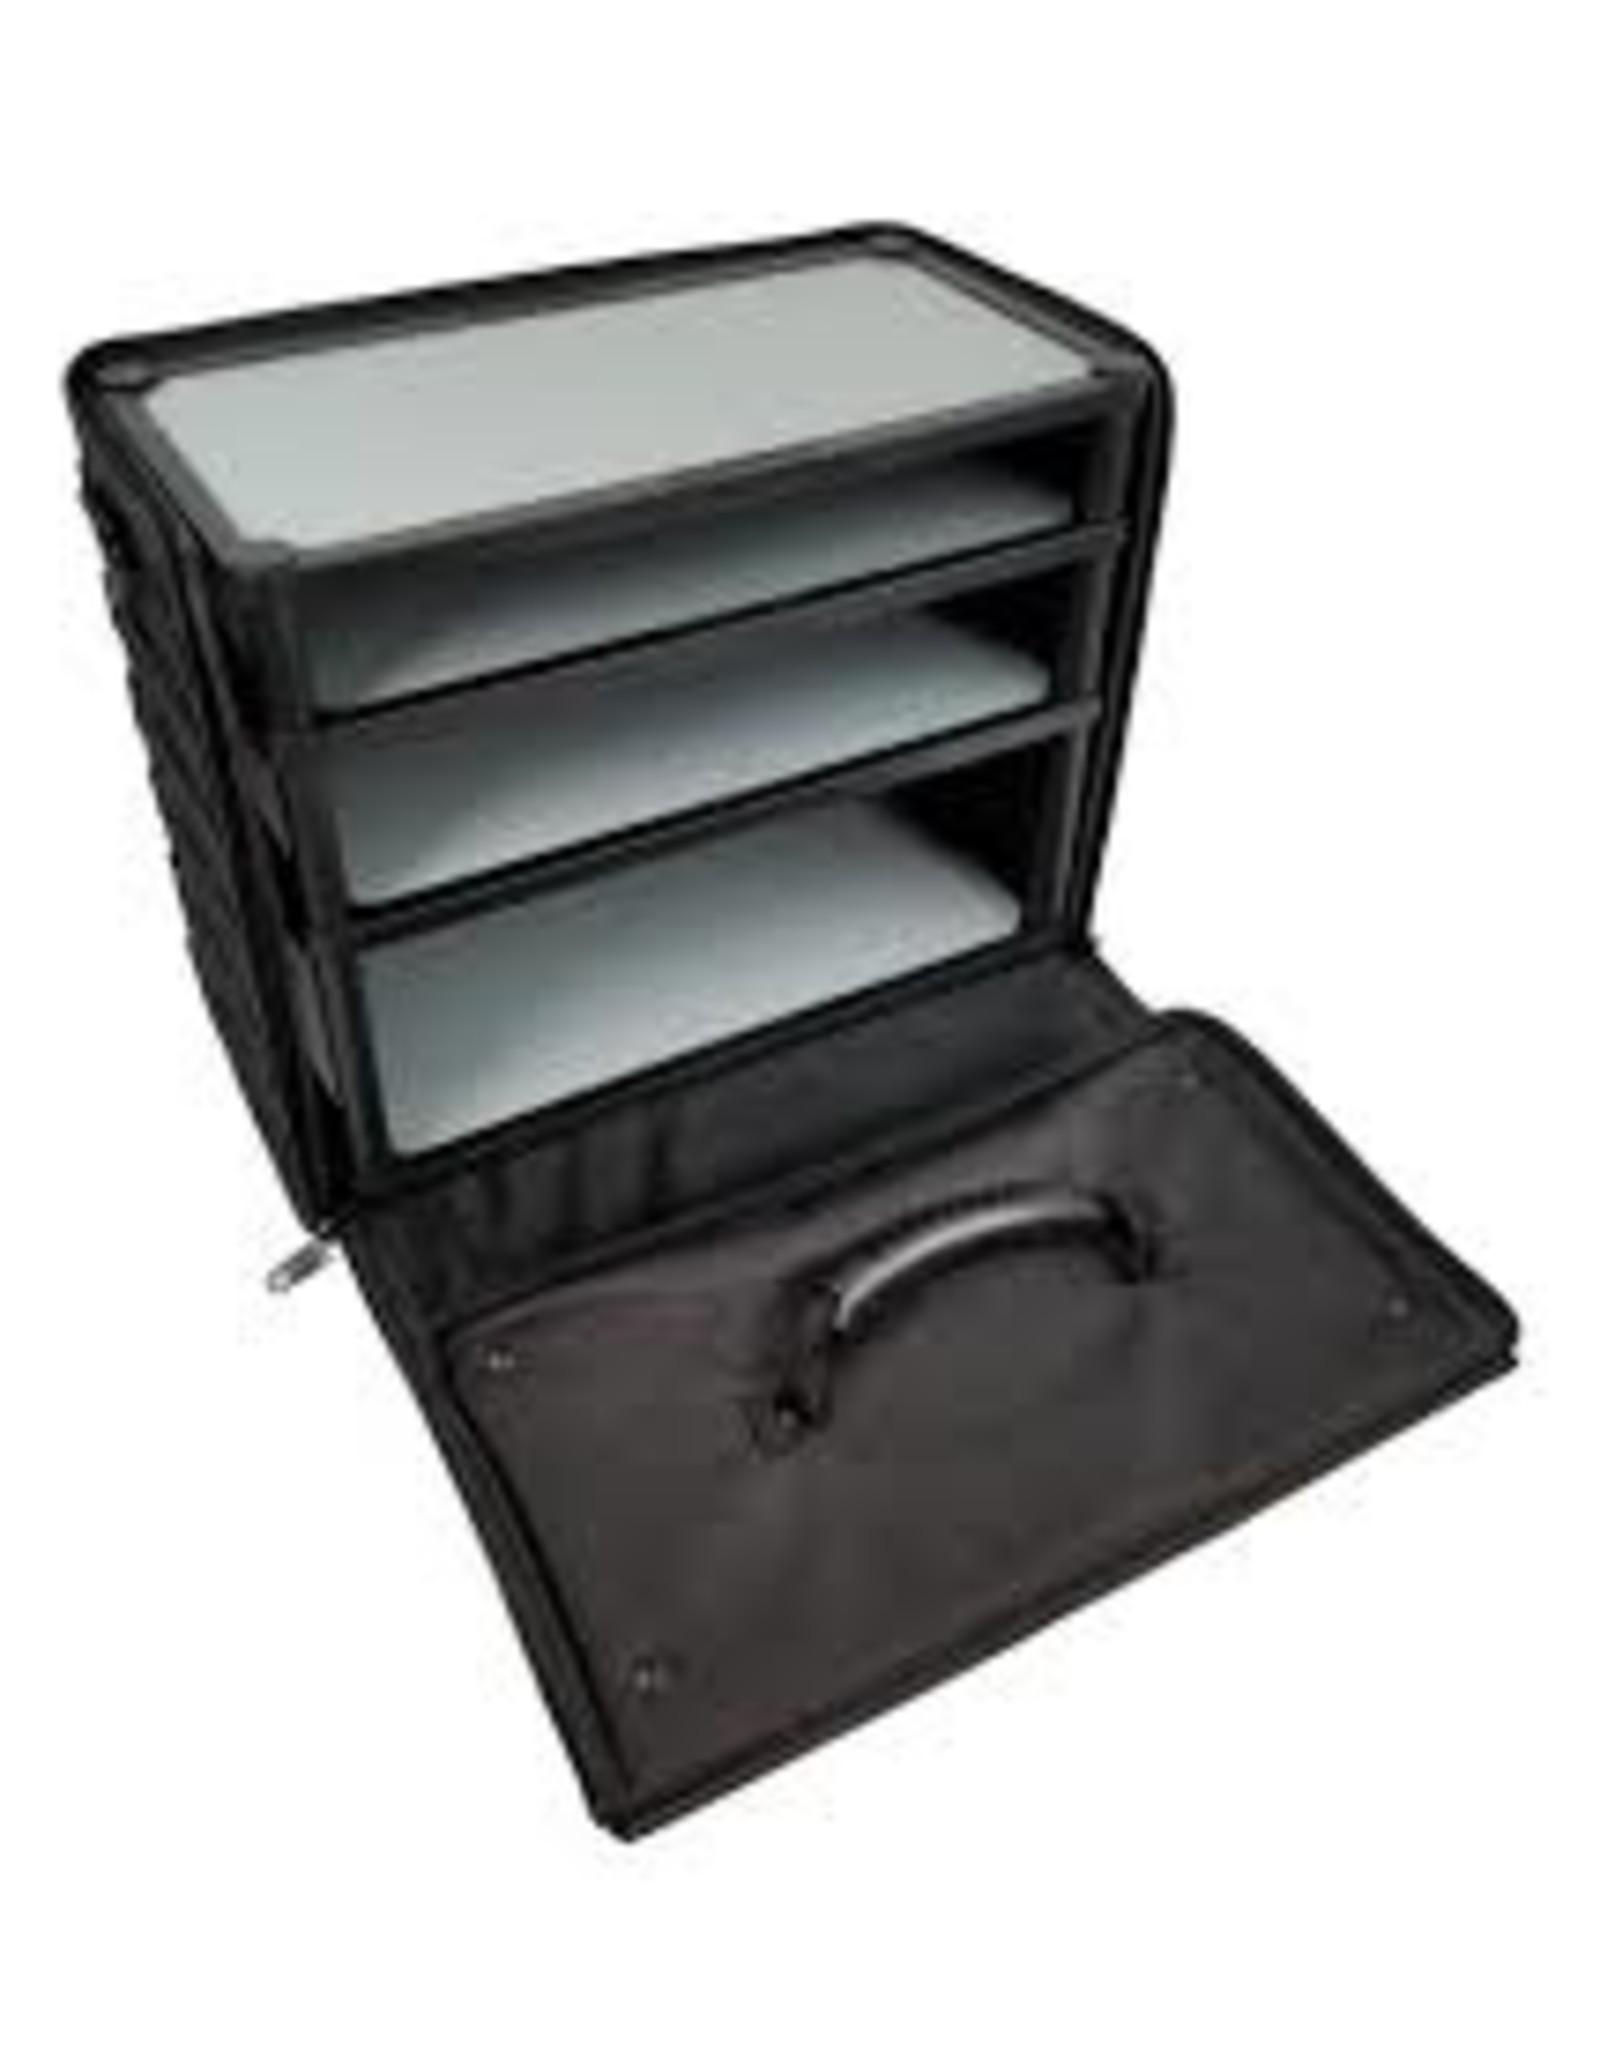 Battlefoam PACK 432 Case (Empty)